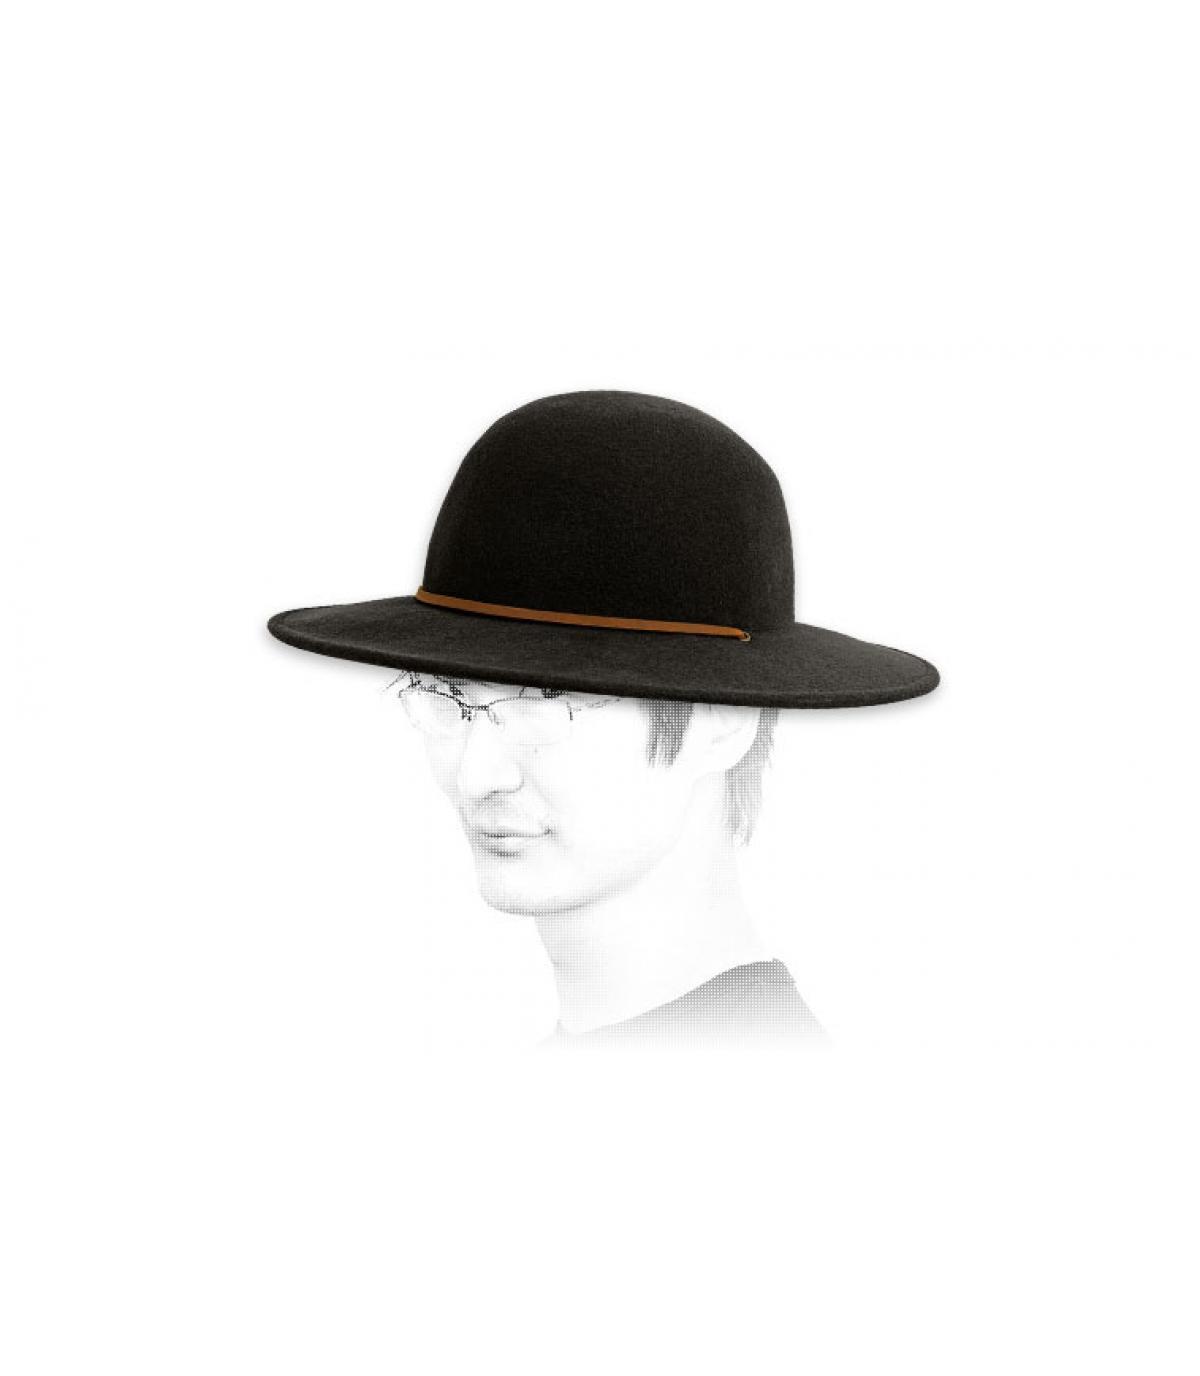 Détails Tiller black hat - image 3